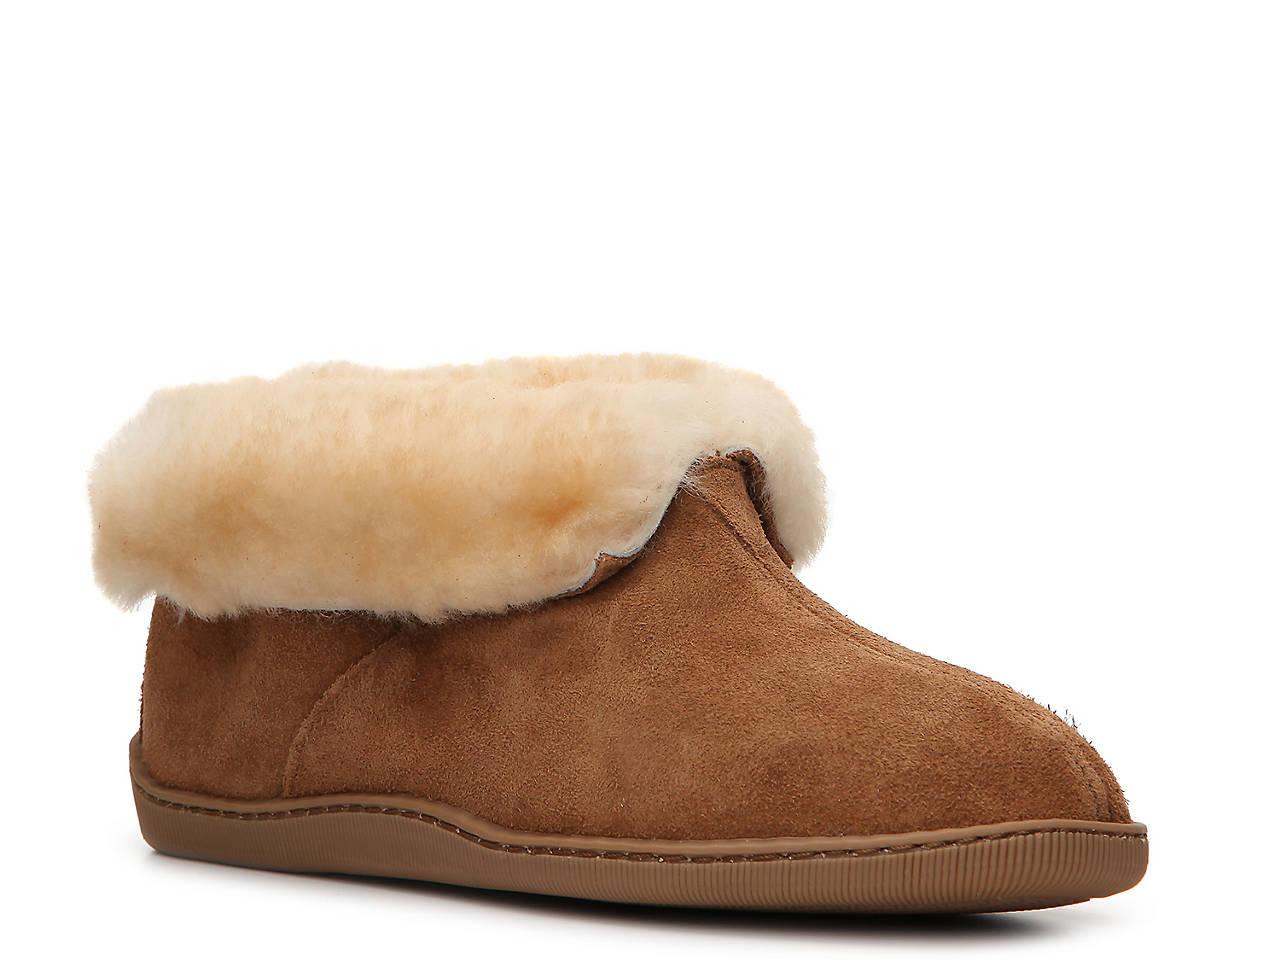 51633287a Minnetonka Sheepskin Slipper Men's Shoes | DSW